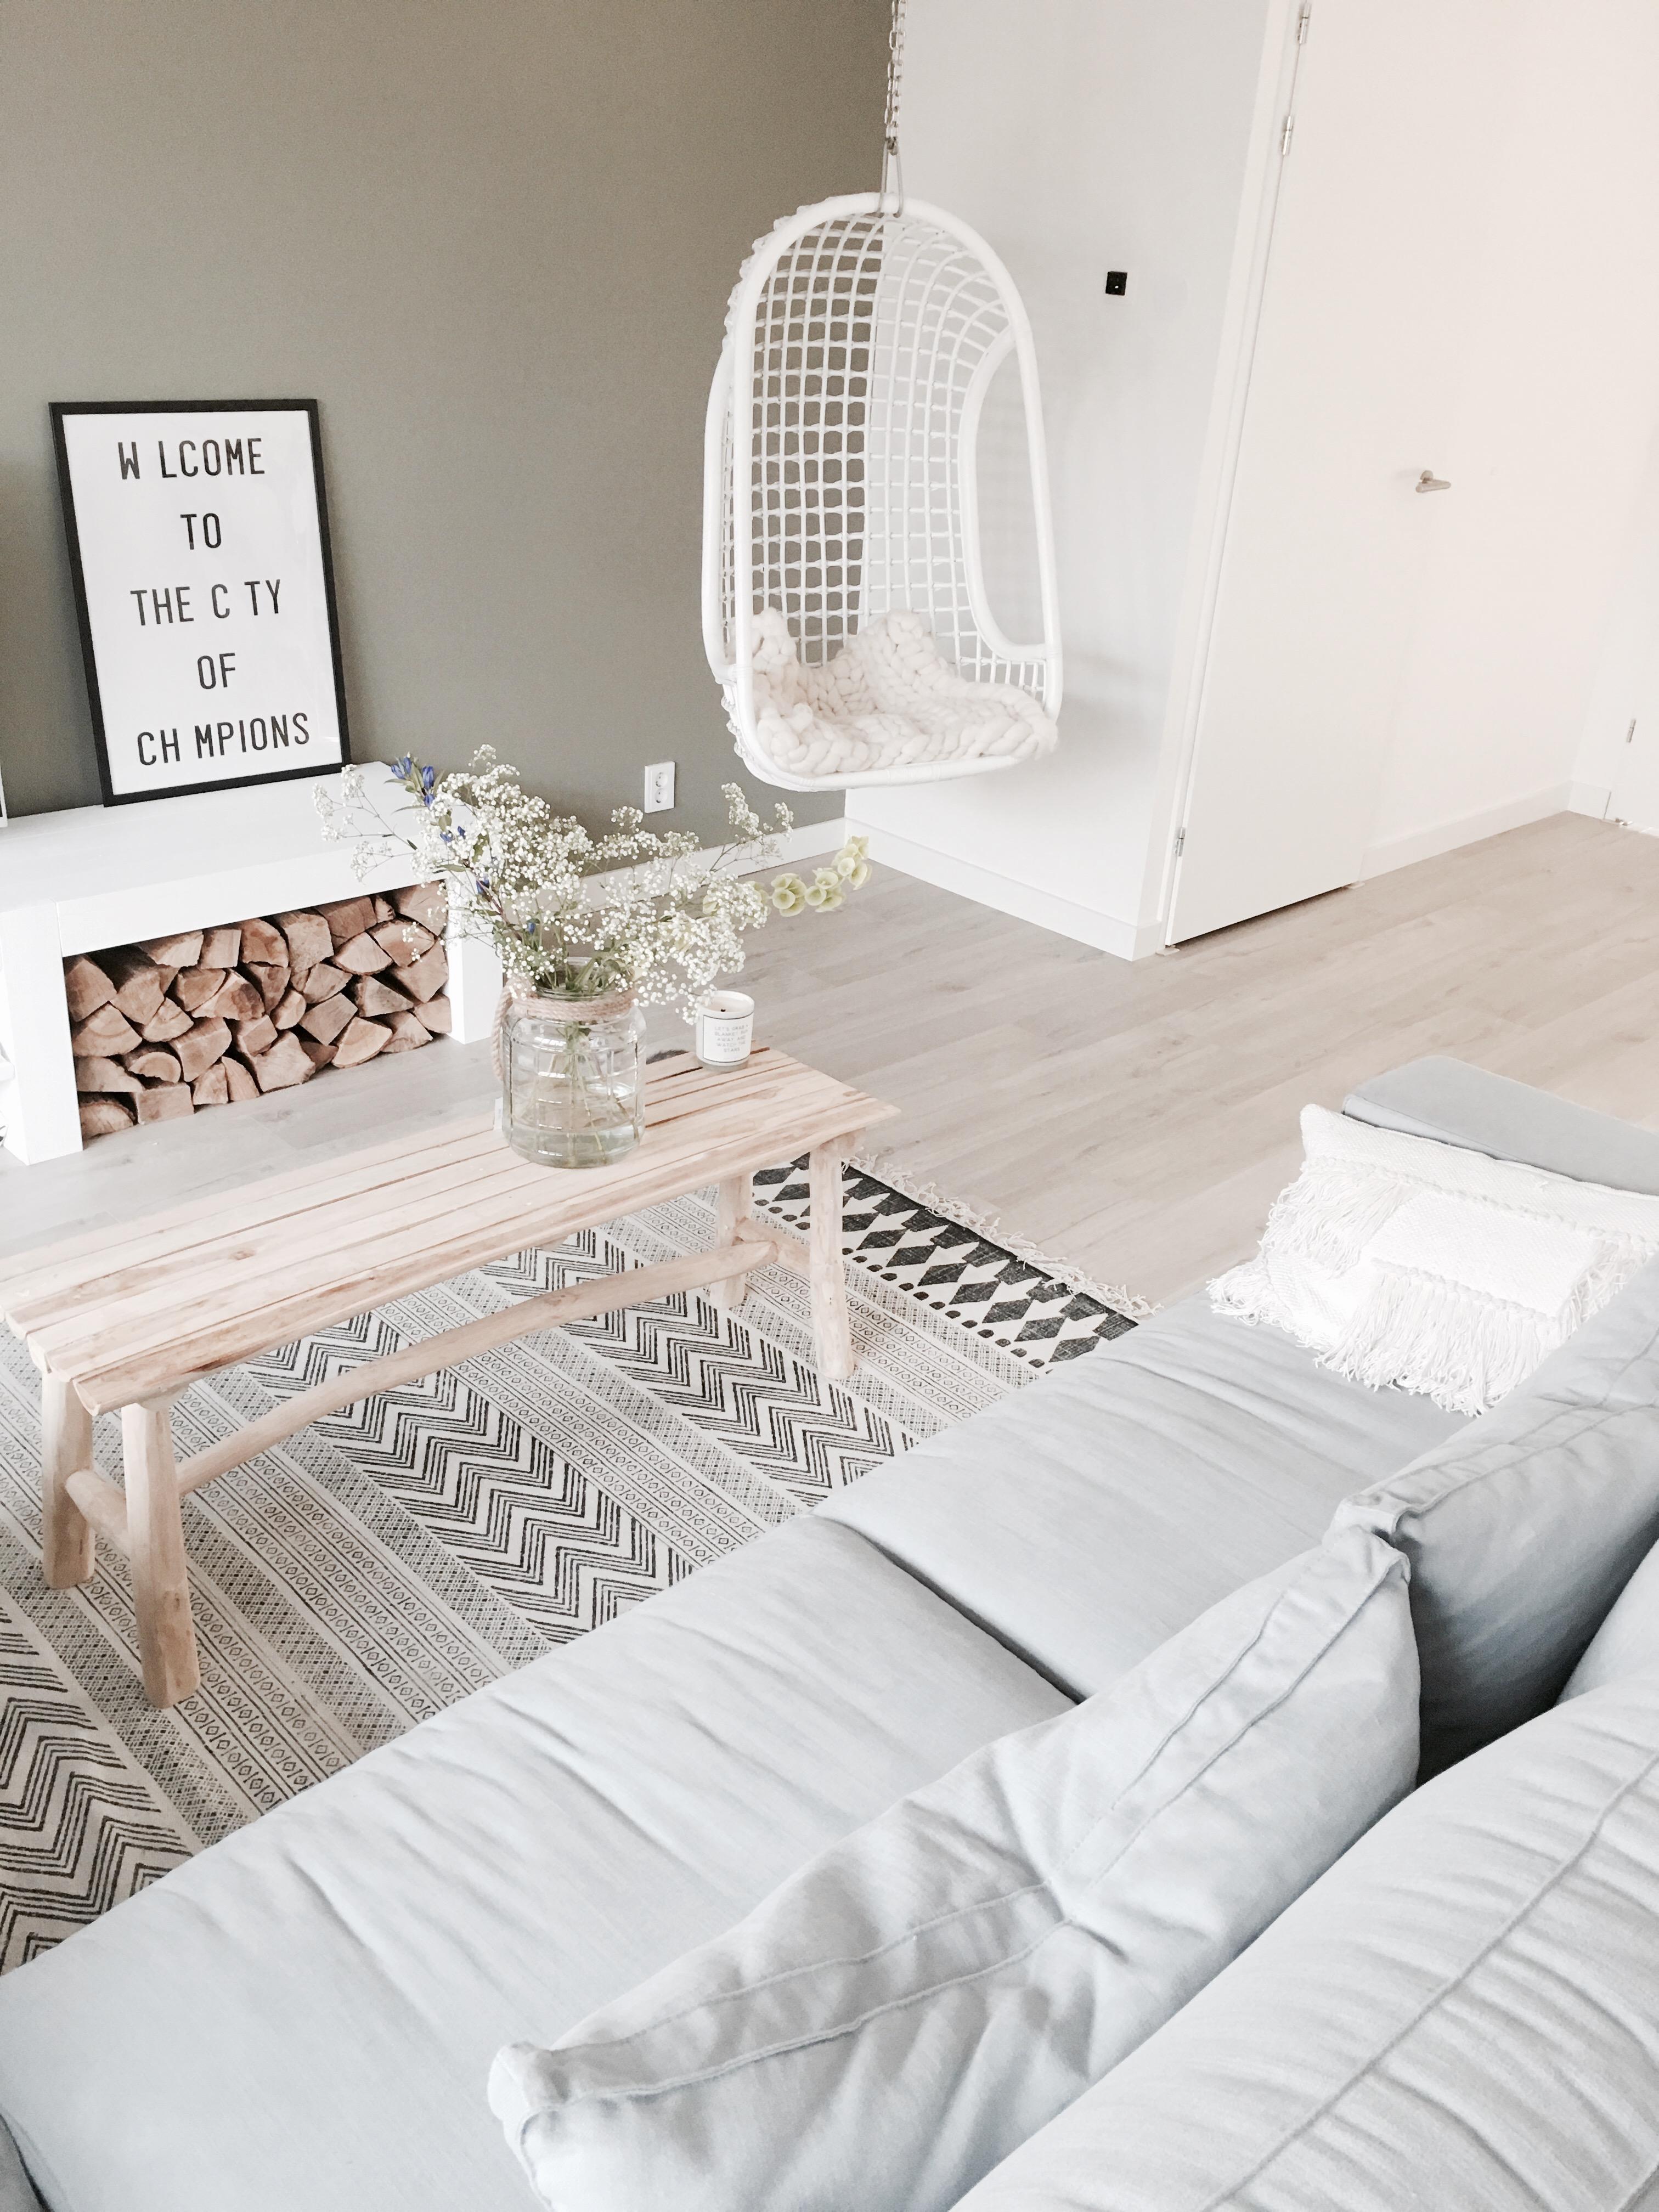 Hk Living Hangstoel.Instagrammer We Love Lucienne Matsinger Alles Om Van Je Huis Je